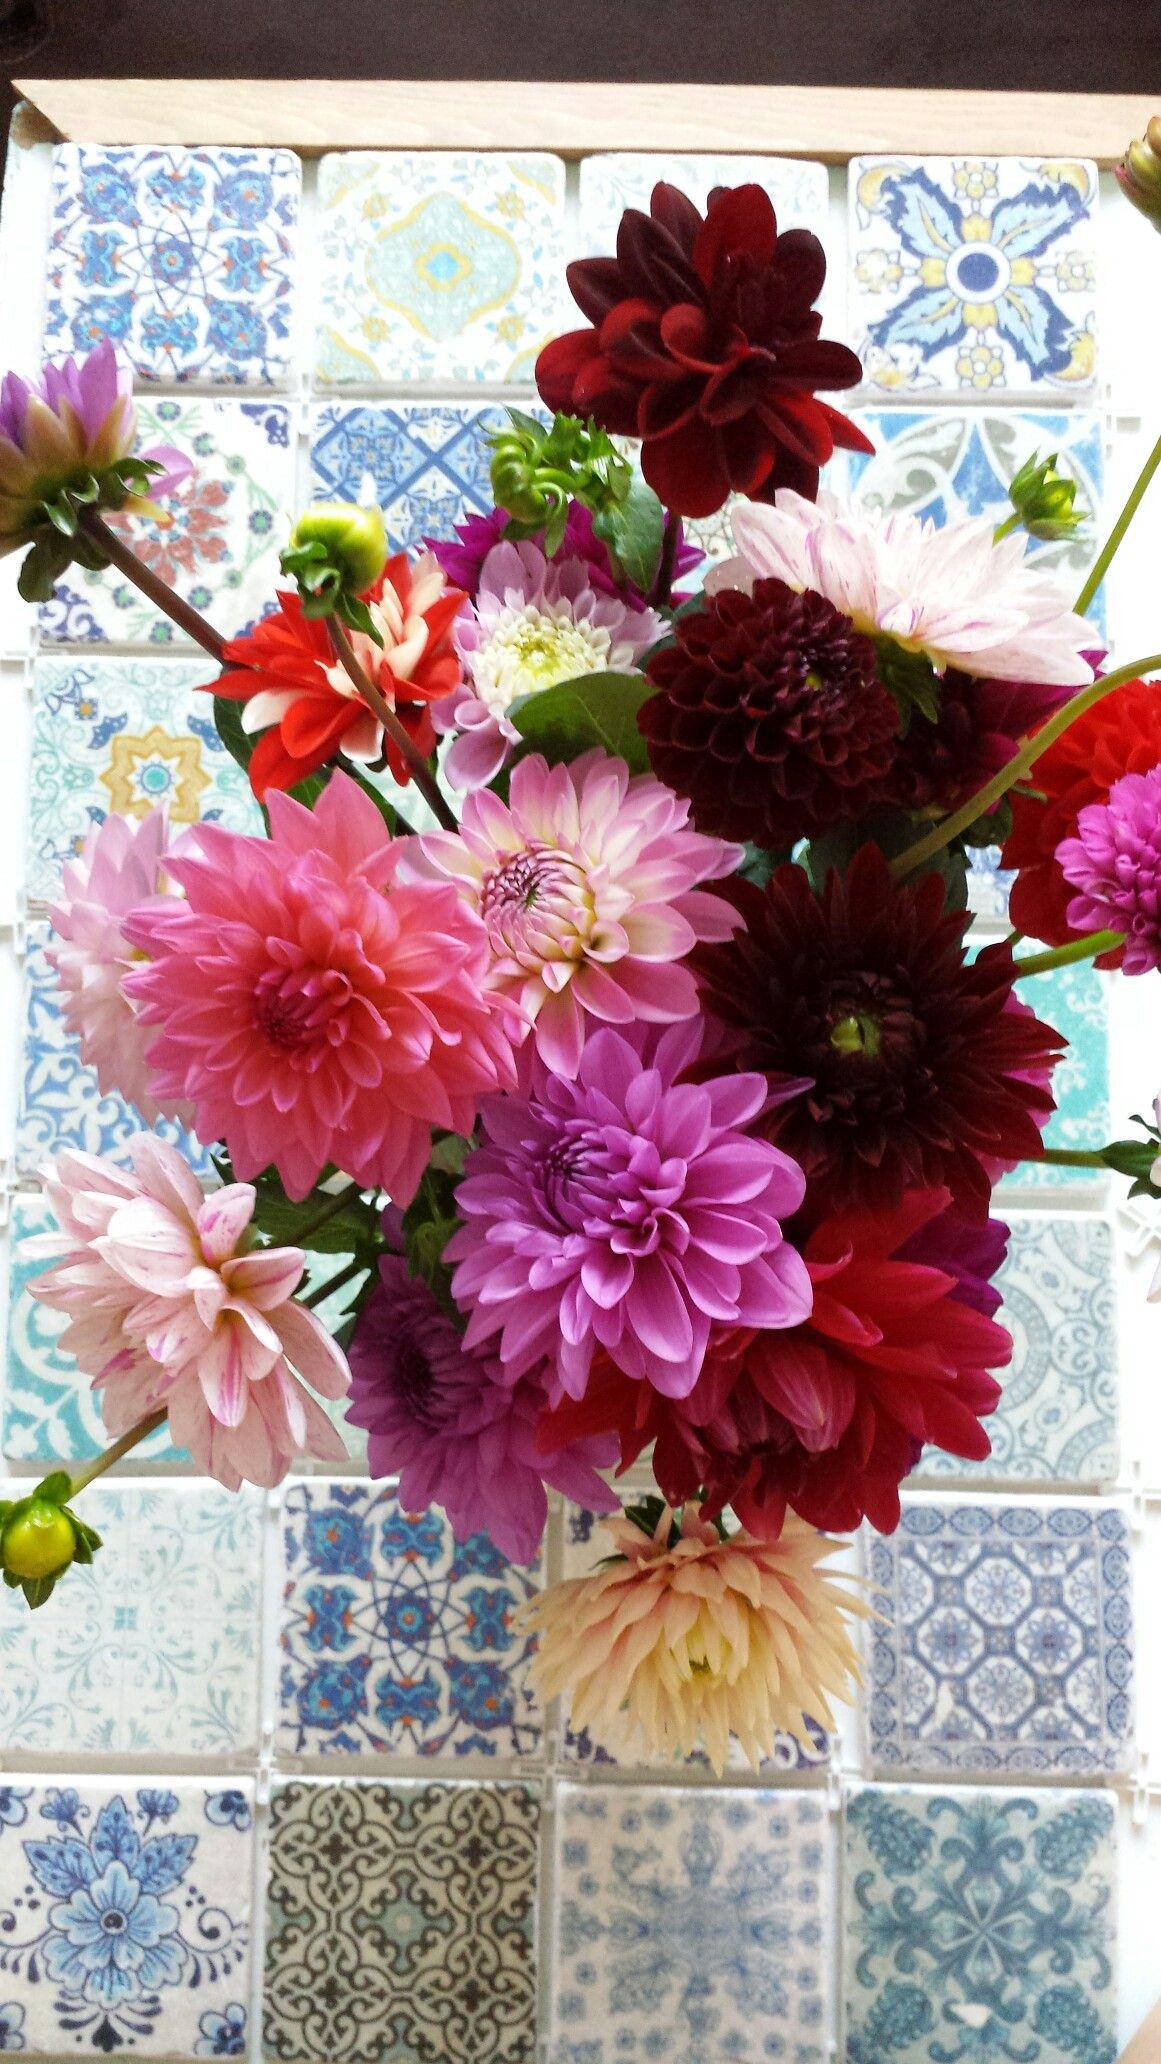 Blumen auf gemusterten Fliesen